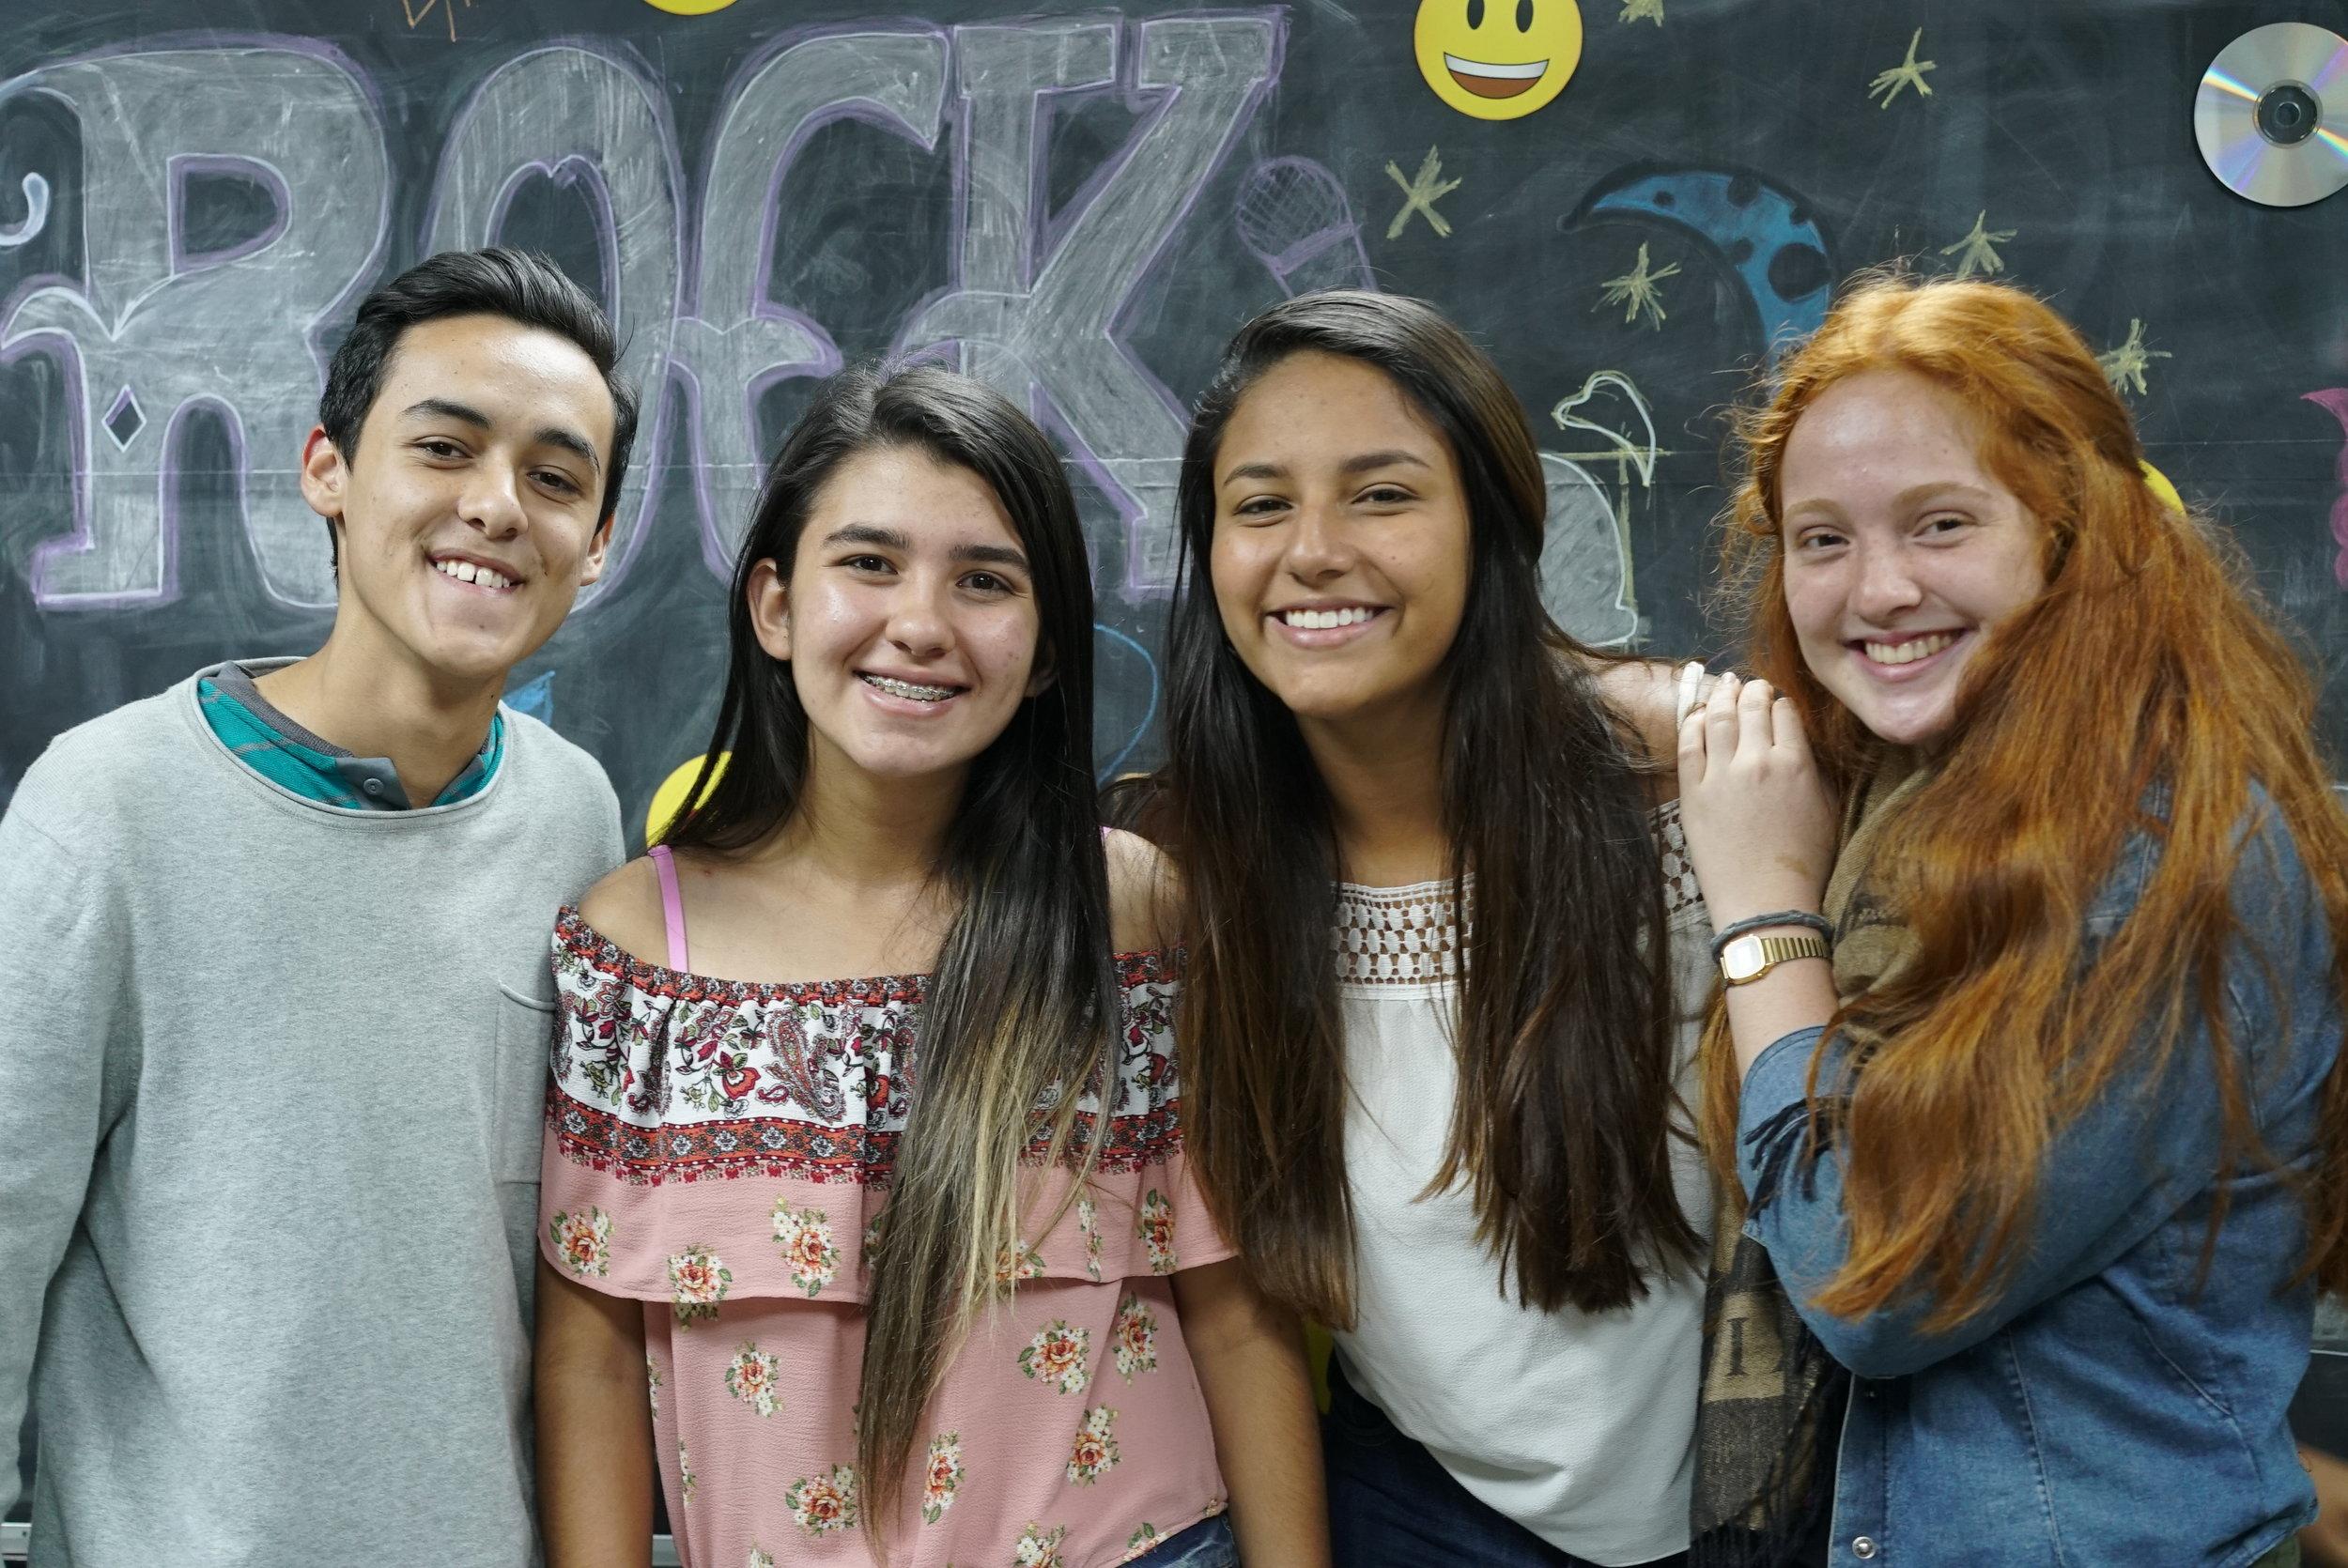 KZN Teens - Si tenés entre 13 y 17 años cada martes te esperamos en Teens, un espacio para todos los colegiales para unirnos a aprender de Cristo con buenos amigos y en un ambiente divertido.